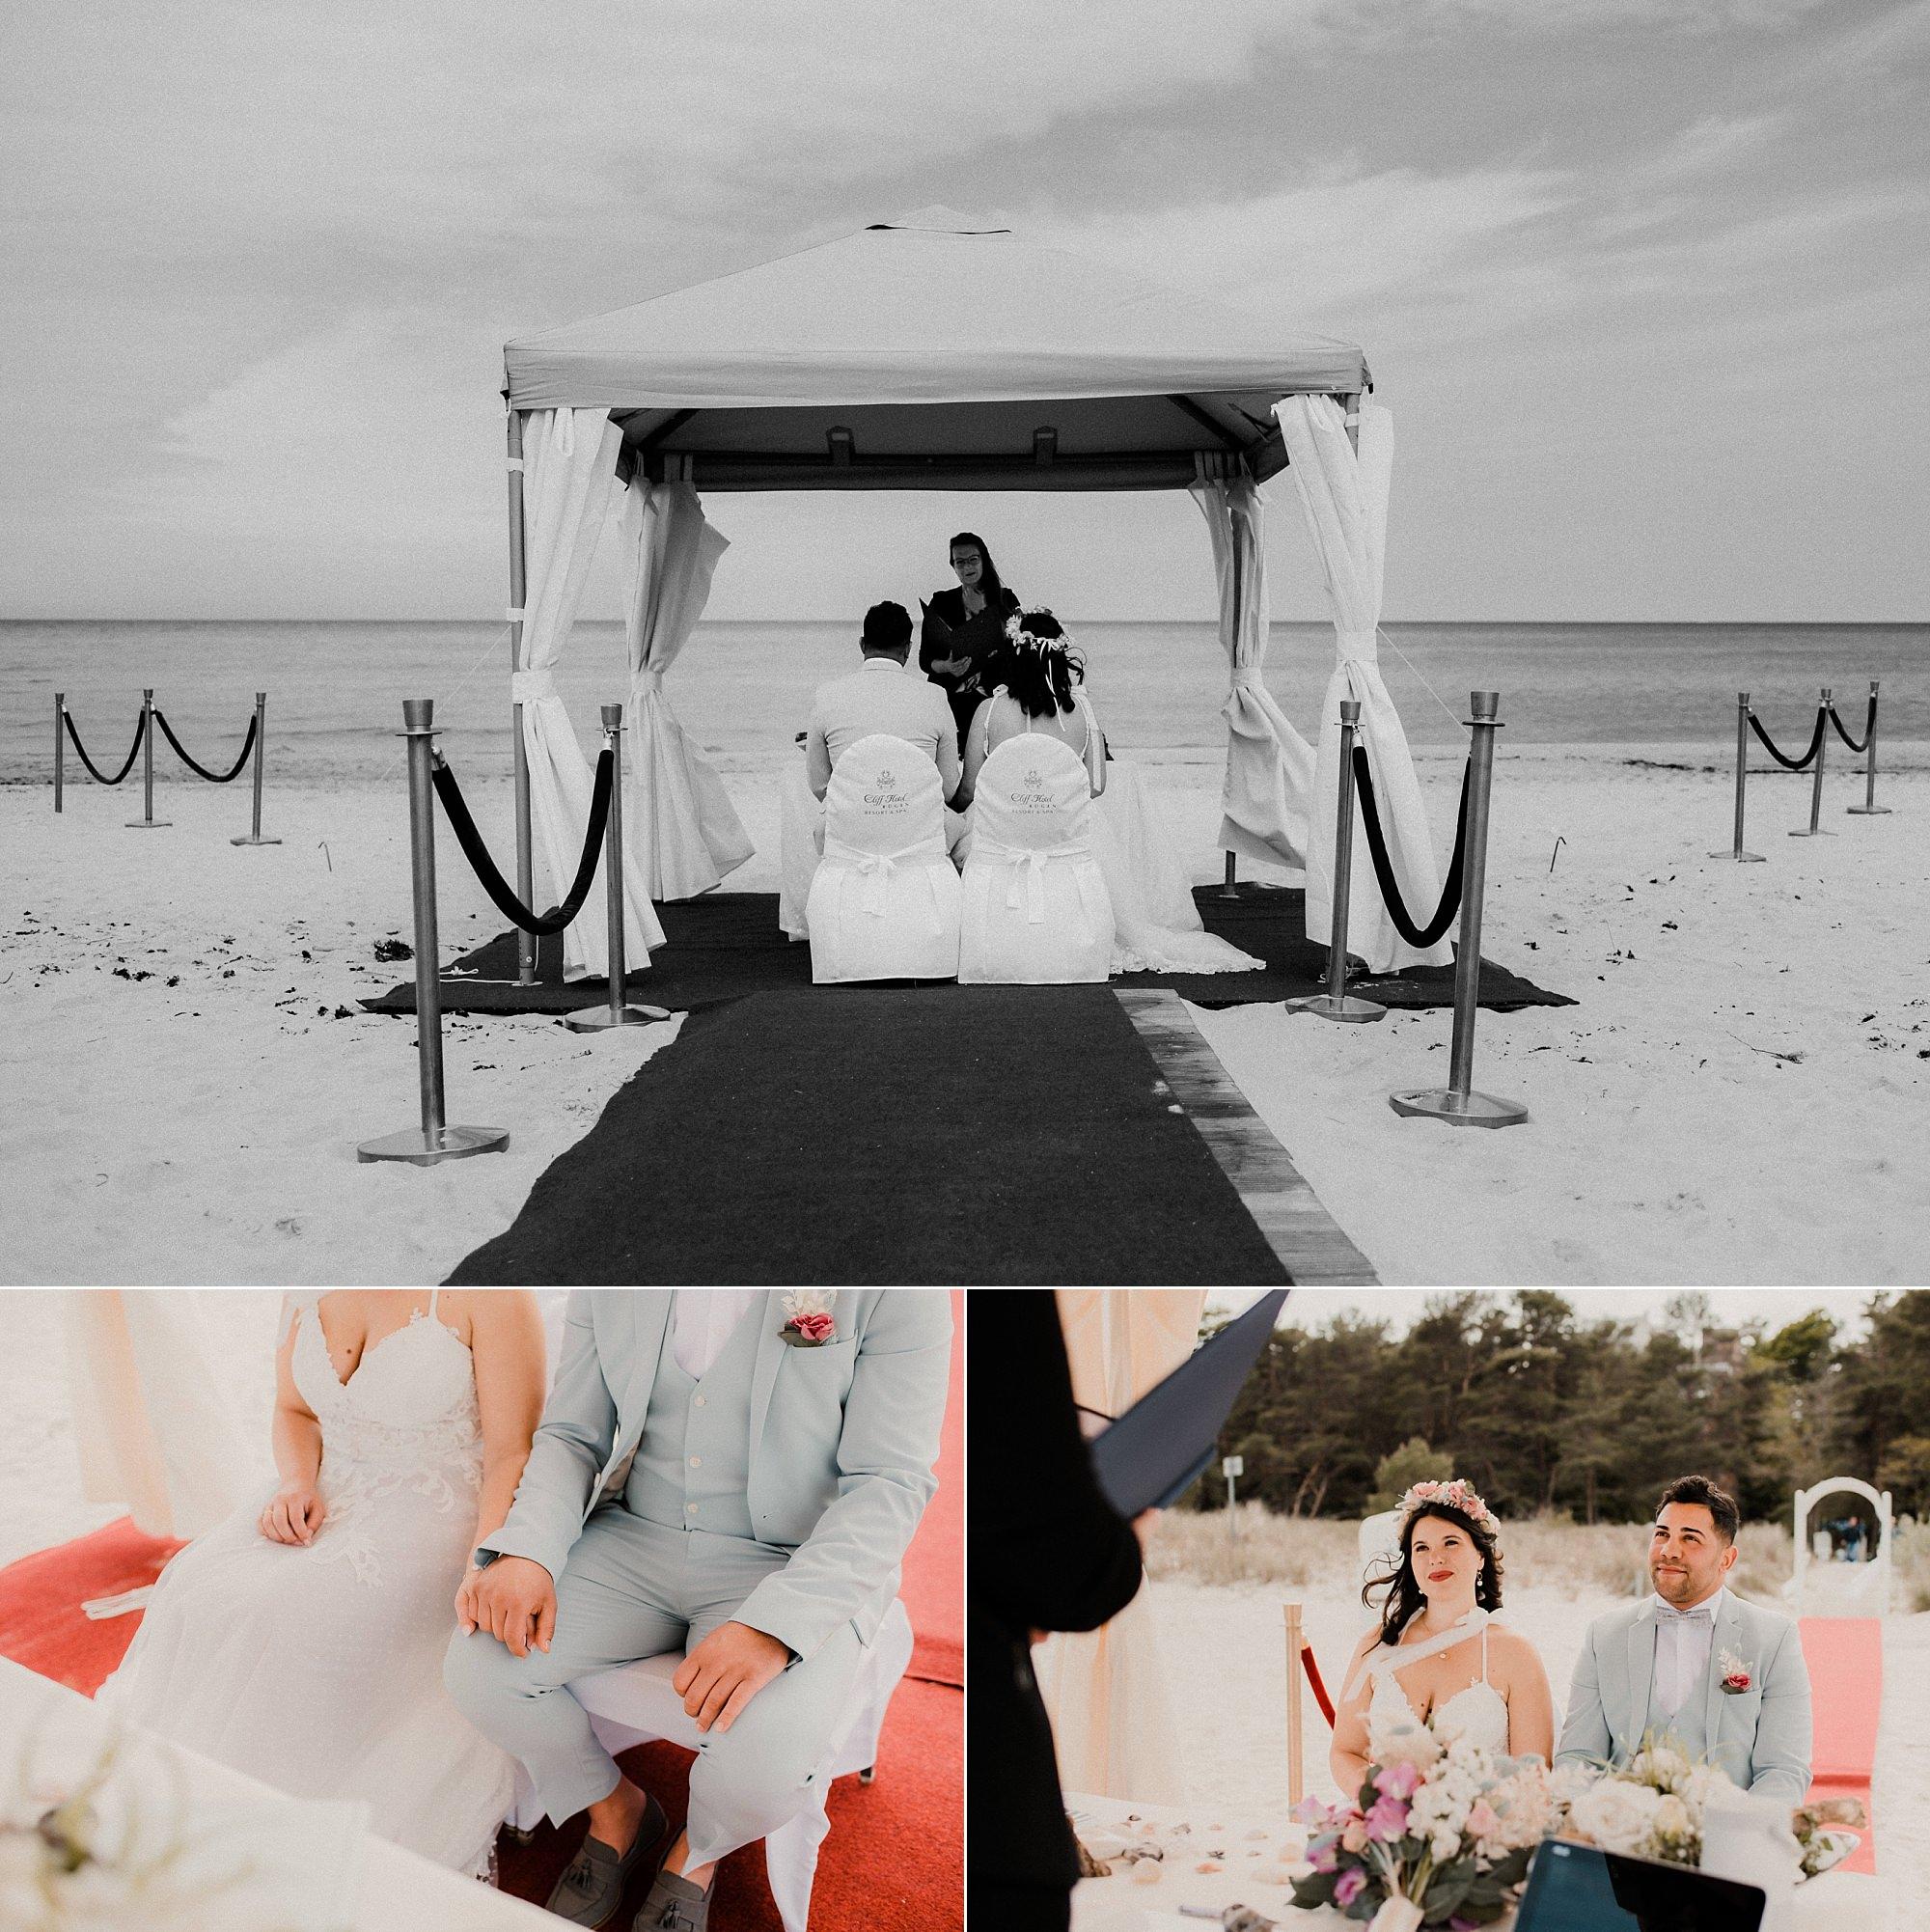 Strandhochzeit - Rügen - Heiraten - Sellin - Seebrücke - Ostsee - Hochzeitsfotografie - Fotograf - Binz